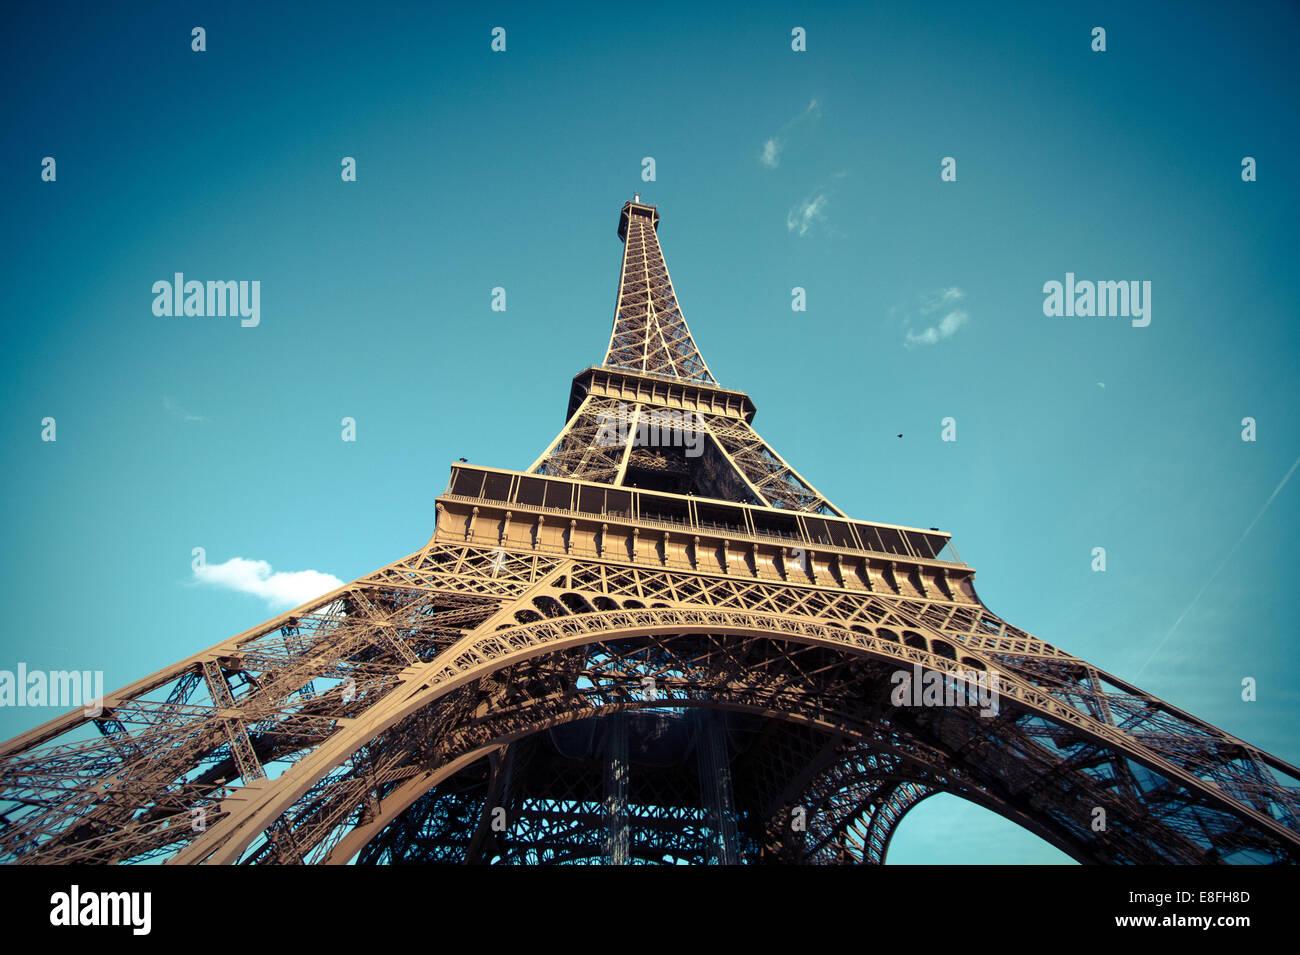 Faible angle de vue de la Tour Eiffel, Paris, France Photo Stock